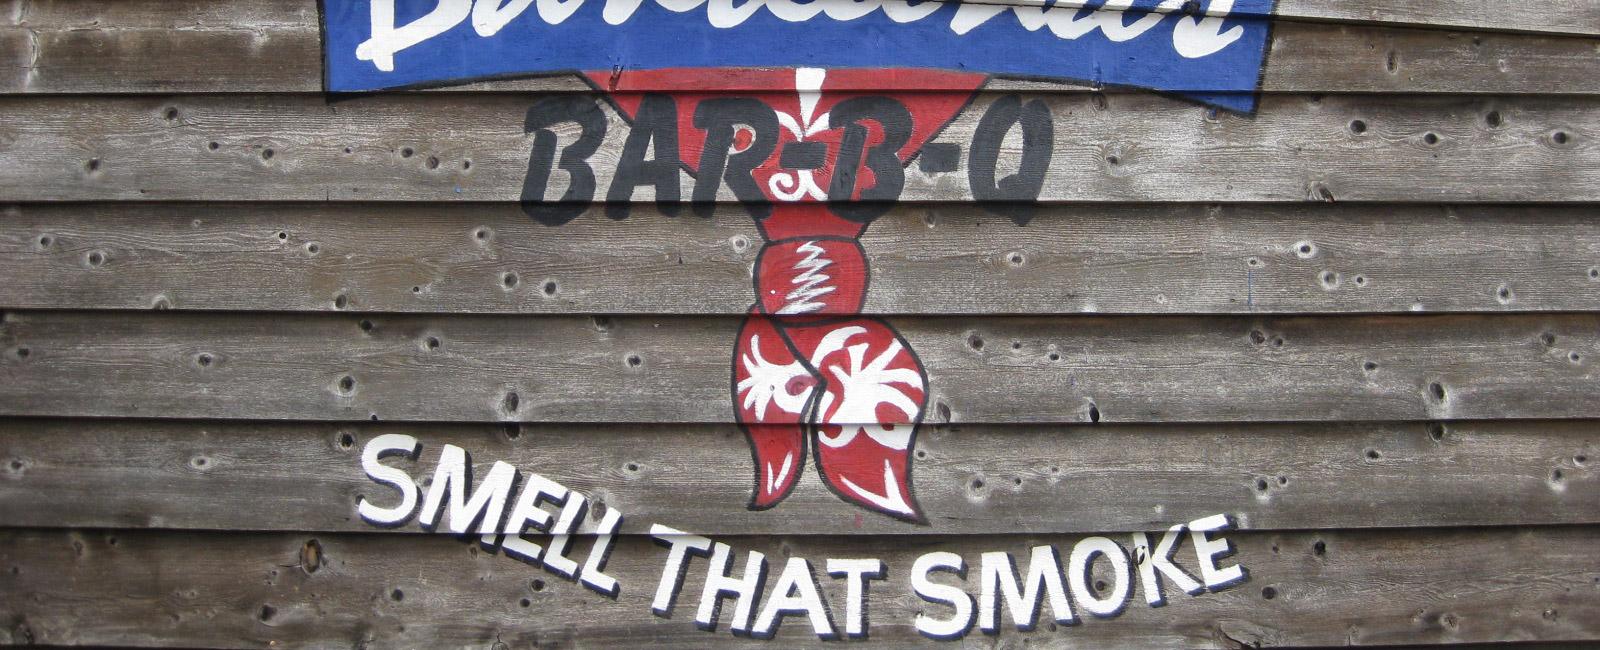 Bandanas Bar-B-Q